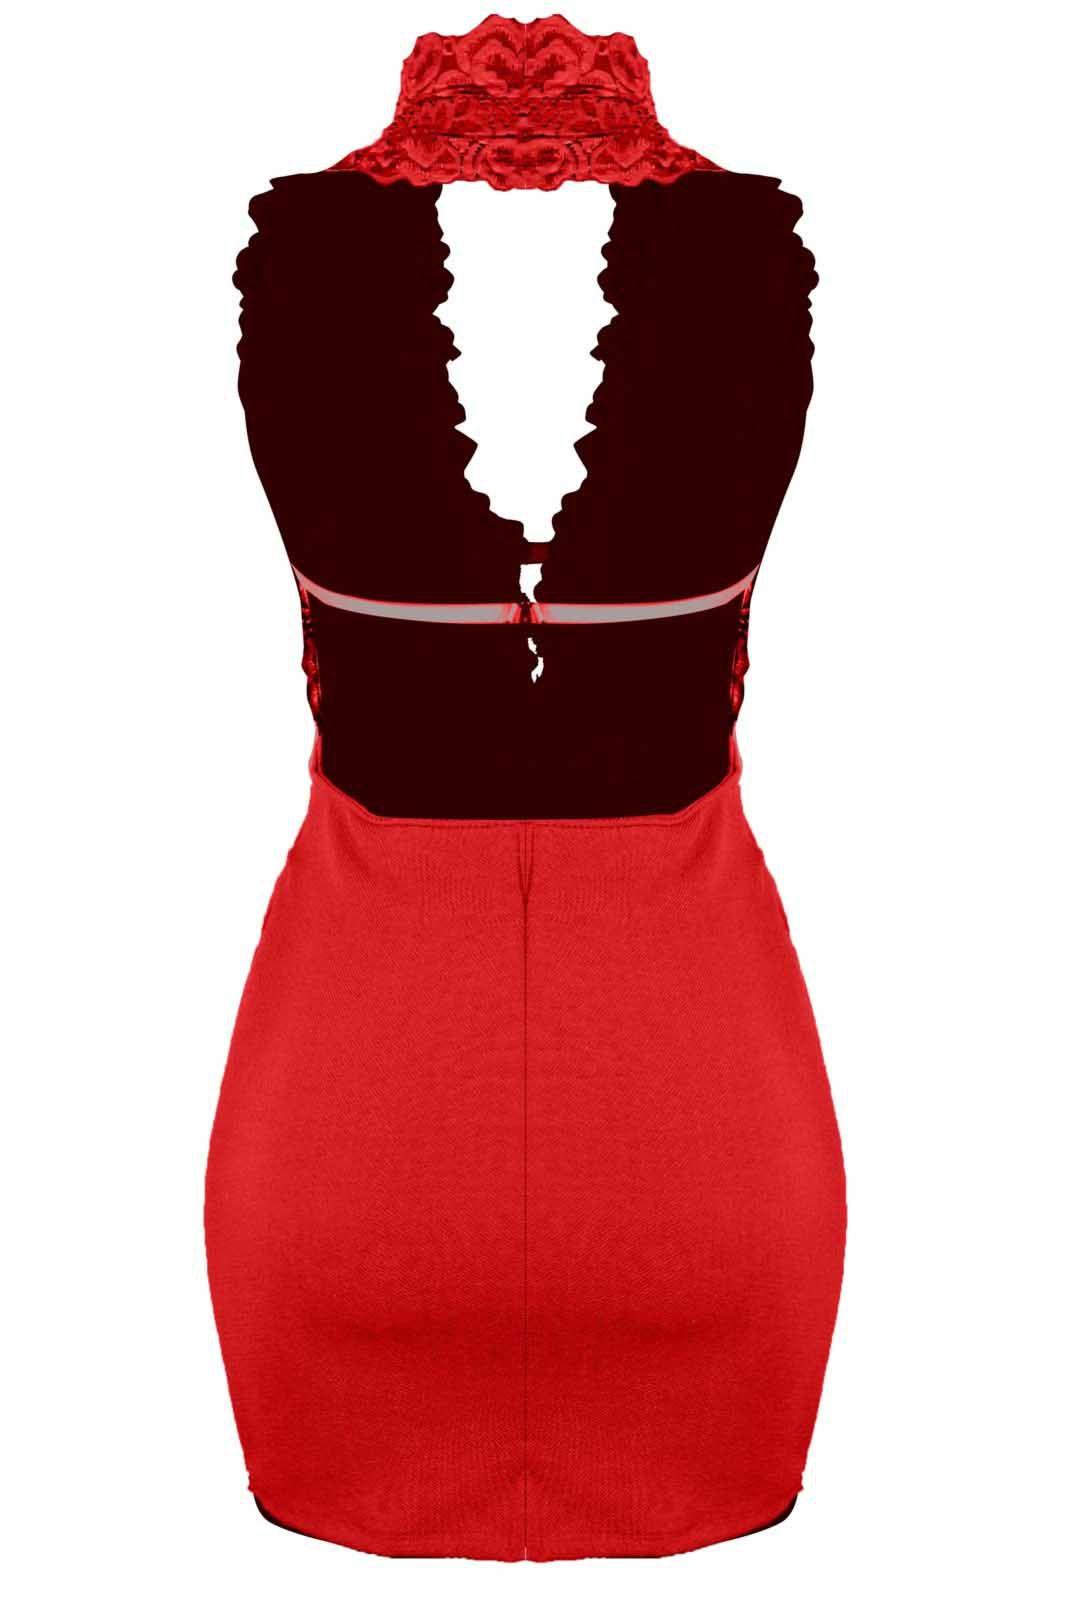 Vestido Outlet Dri Curto Frente Única Decote Decotado Costa Nua Renda Vermelho